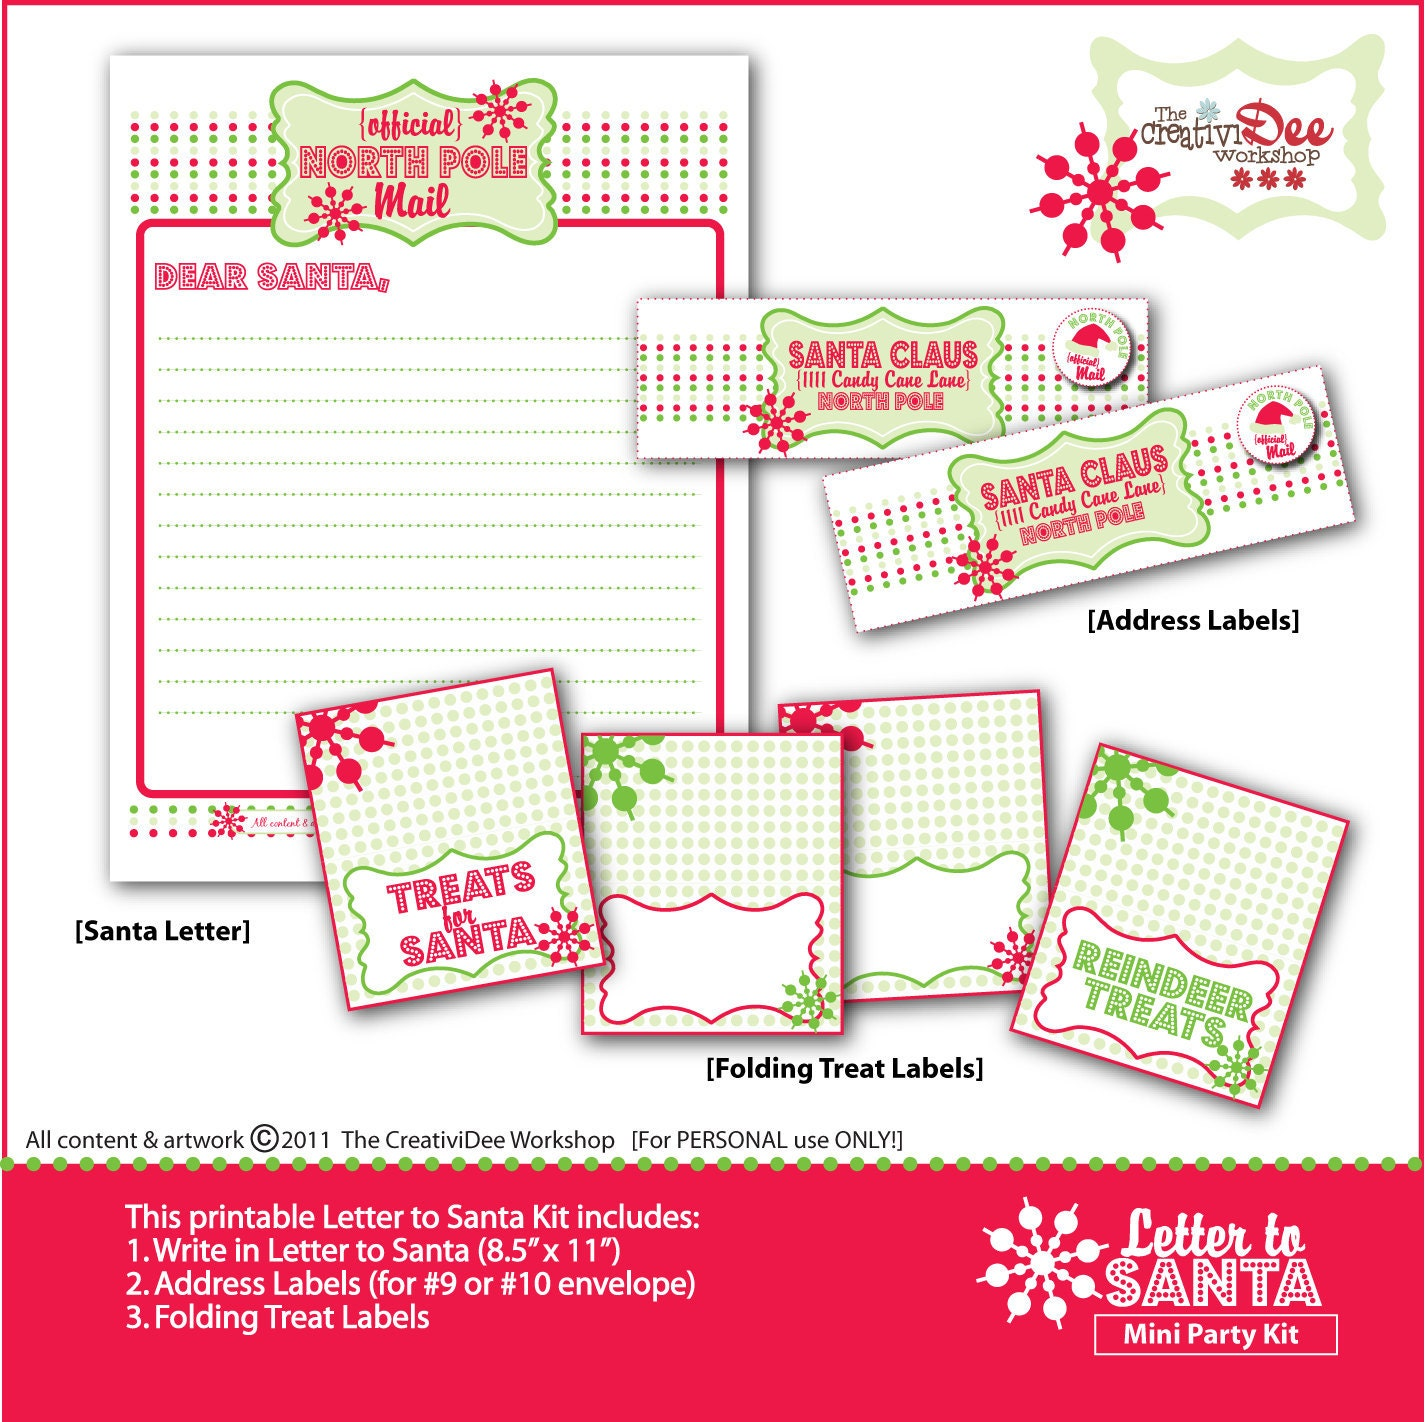 The Three Little Monkeys Studio Christmas Printable Letter From Santa ...